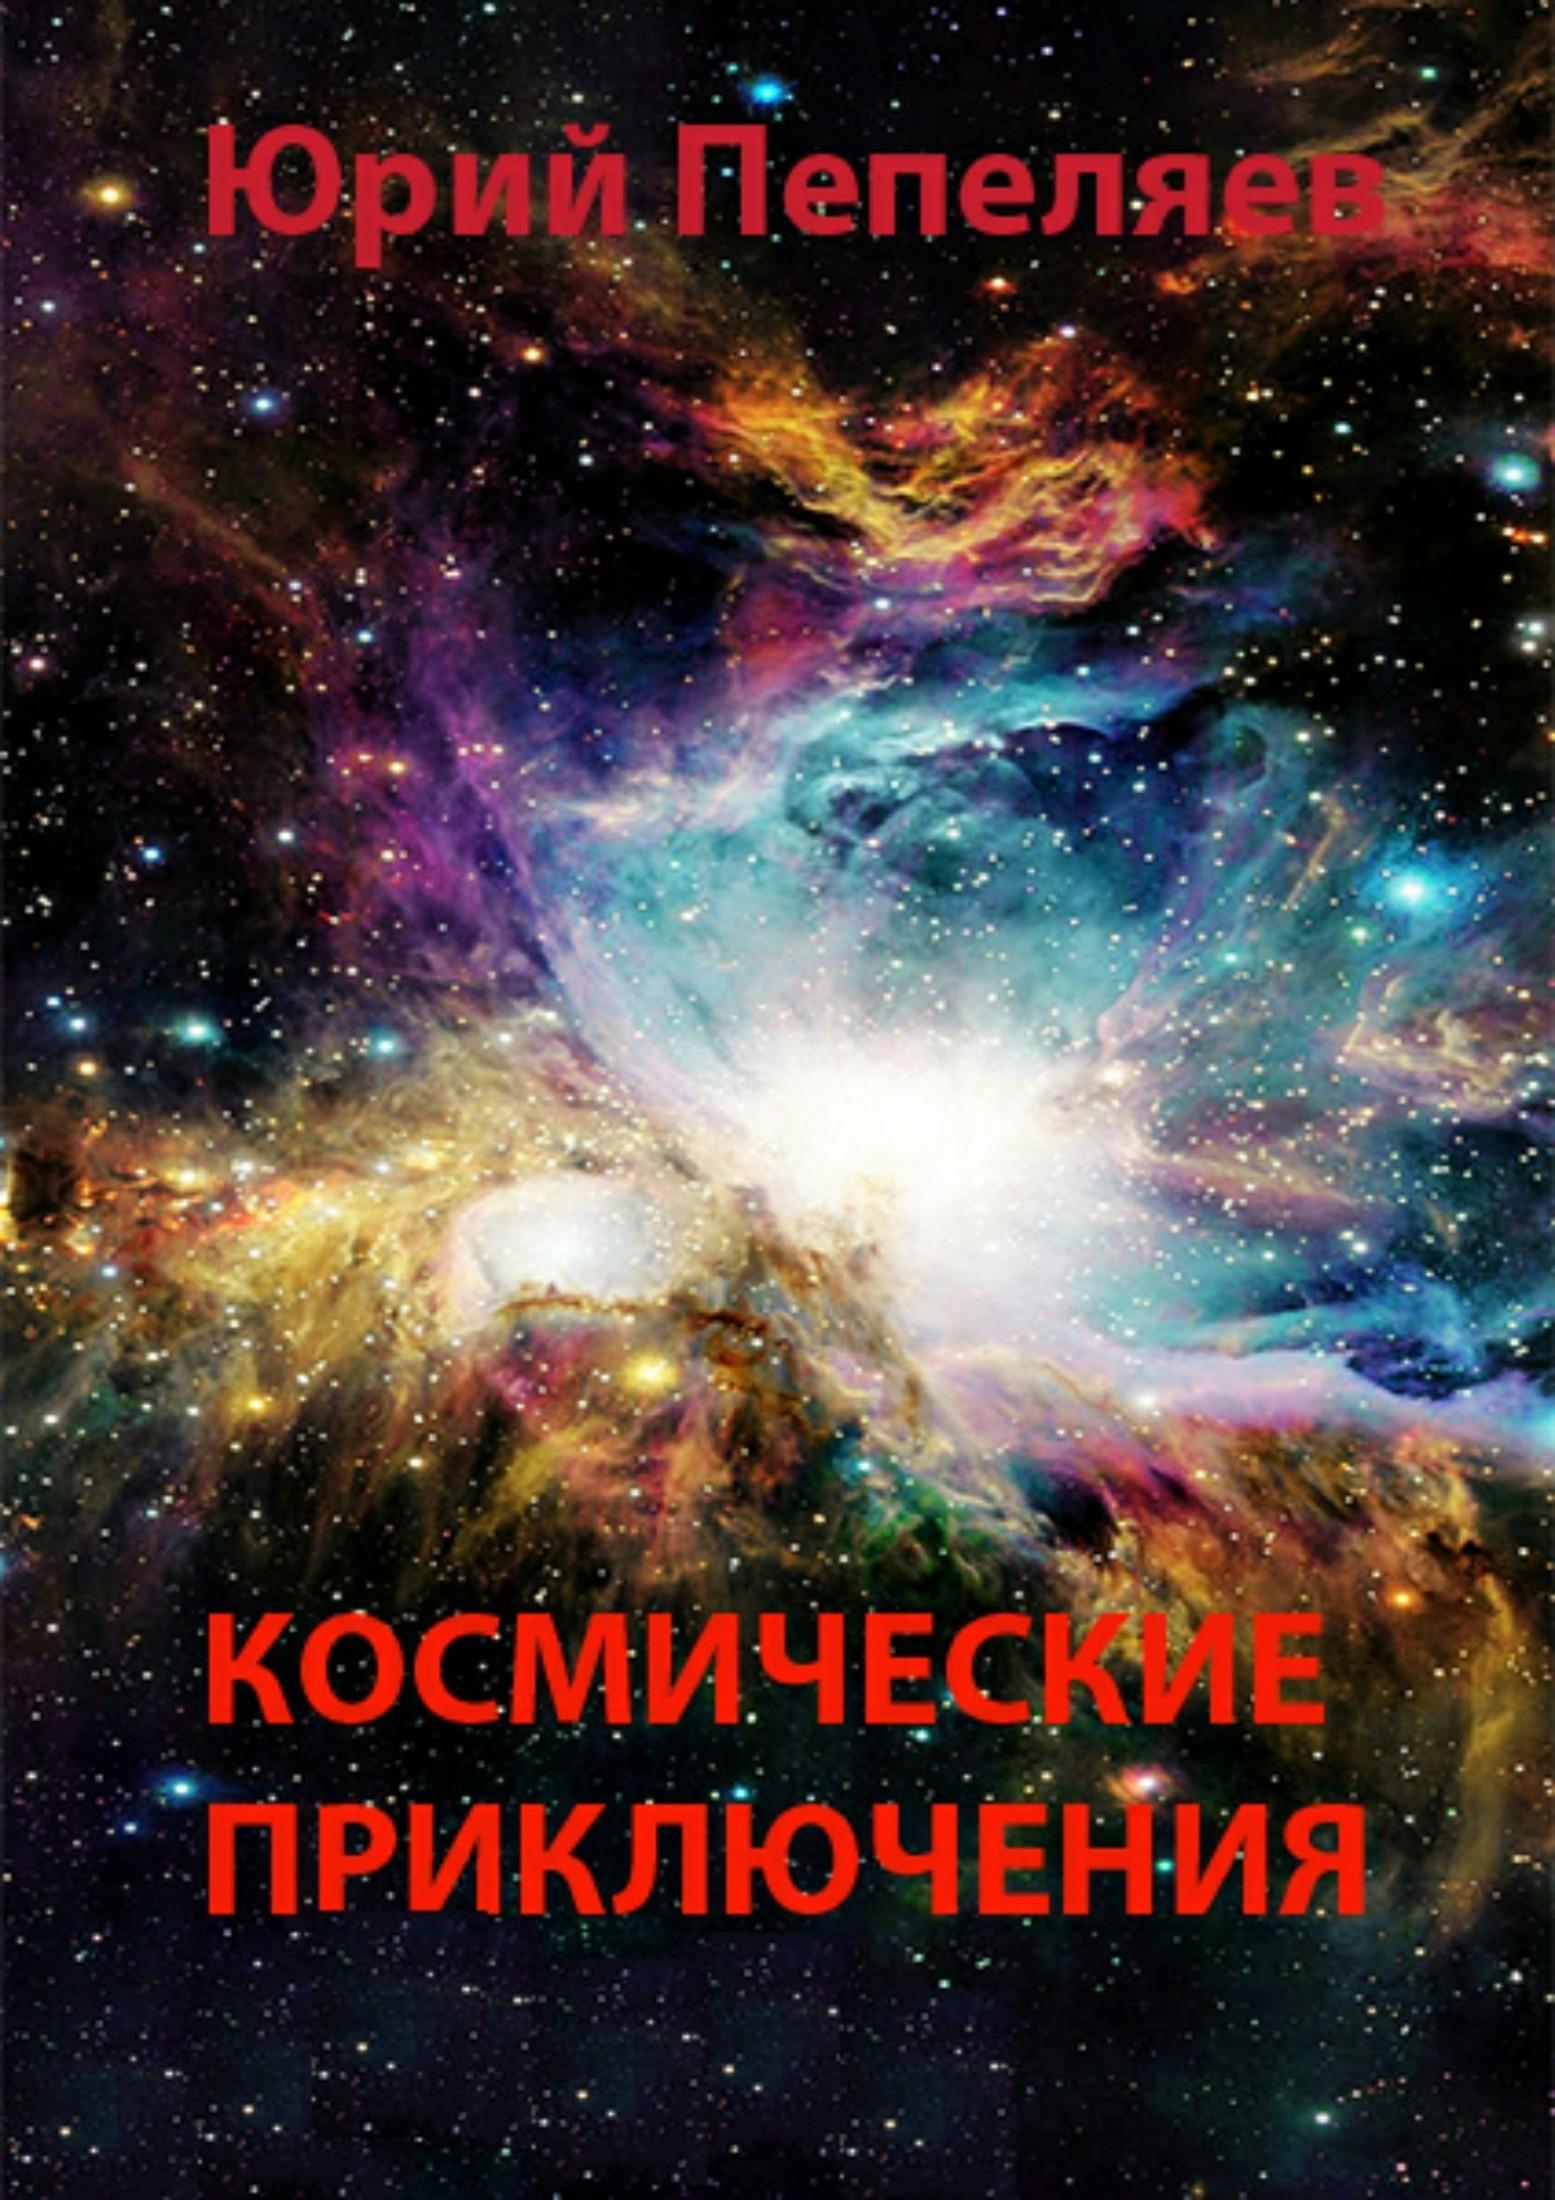 Юрий Пепеляев - Космические приключения